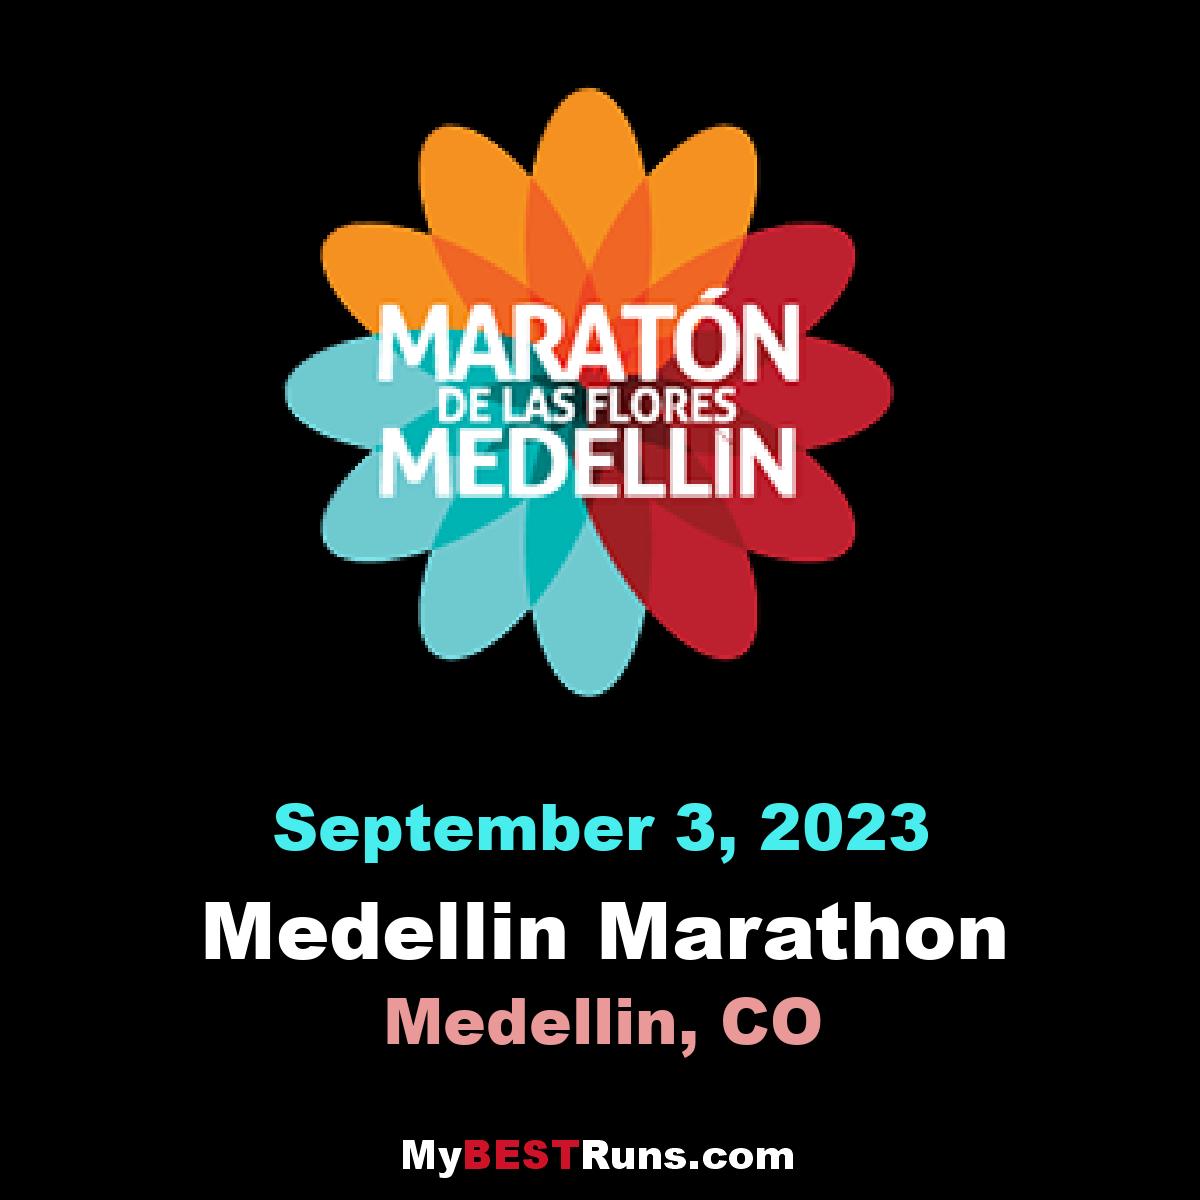 Medellin Marathon